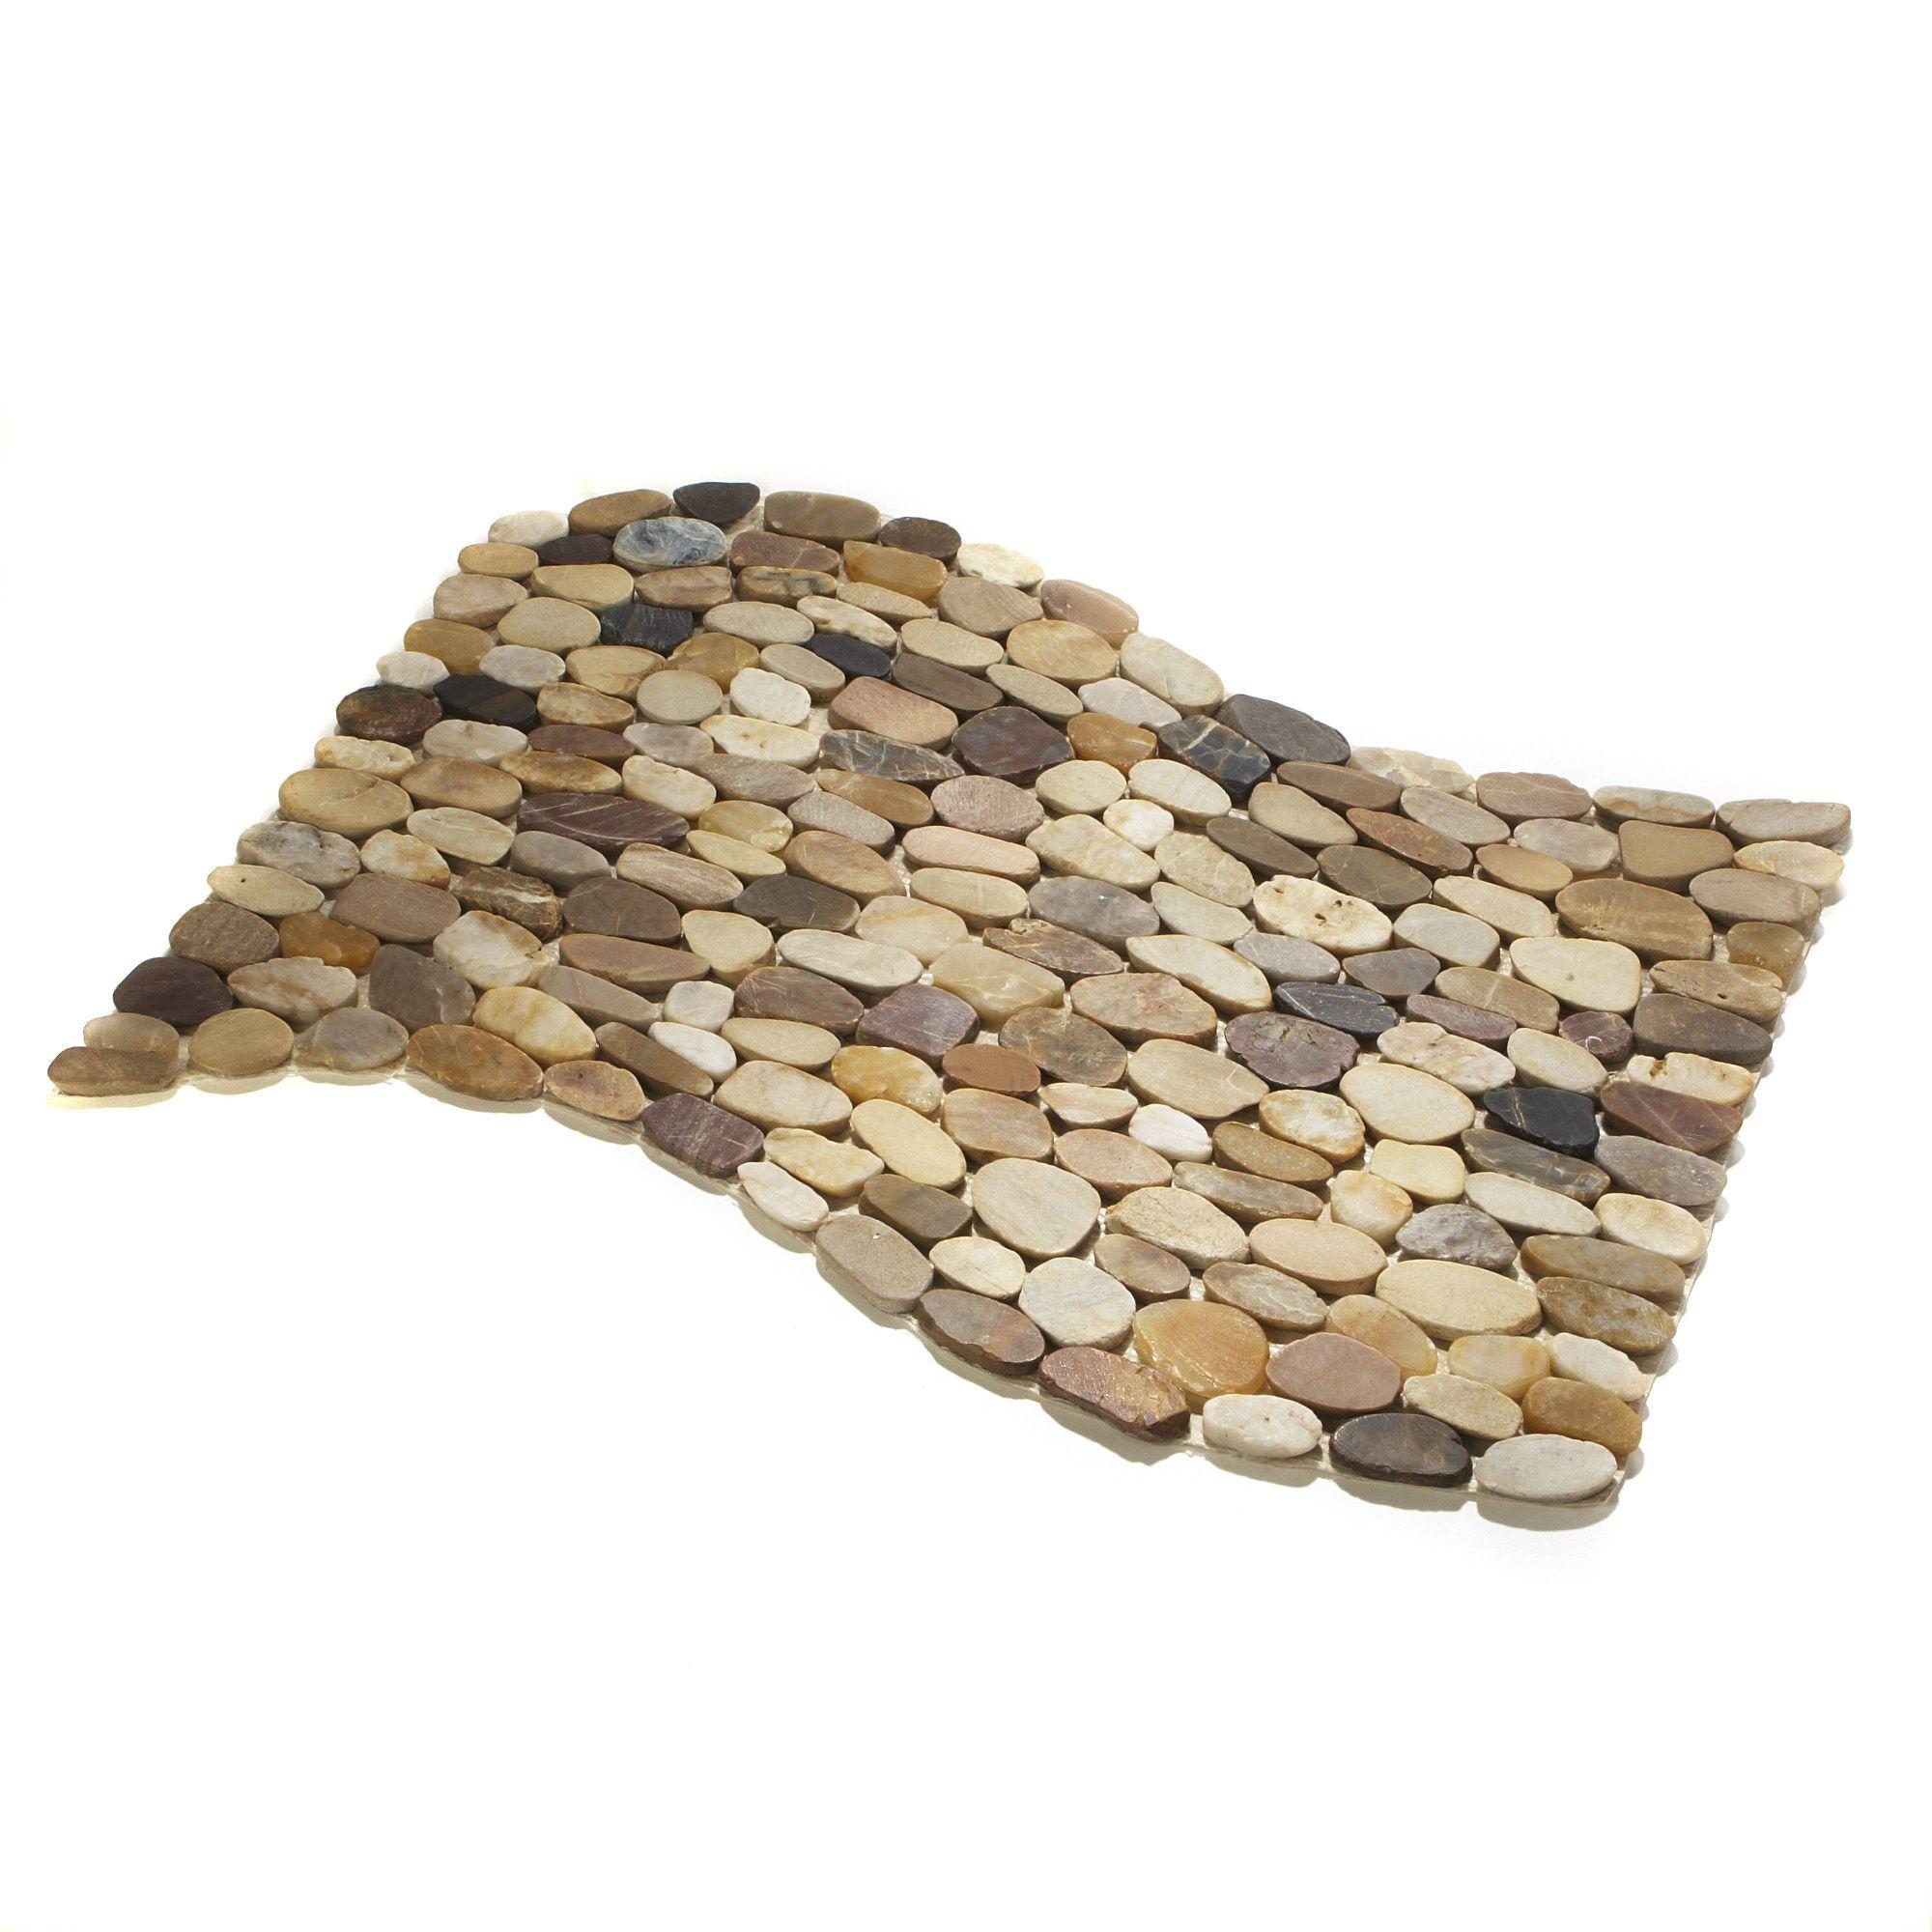 envie de confort dans votre salle de bain alinea vous prsente une collection unique de tapis de bains et de caillebotis pour vos petits pieds - Caillebotis Pour Salle De Bain